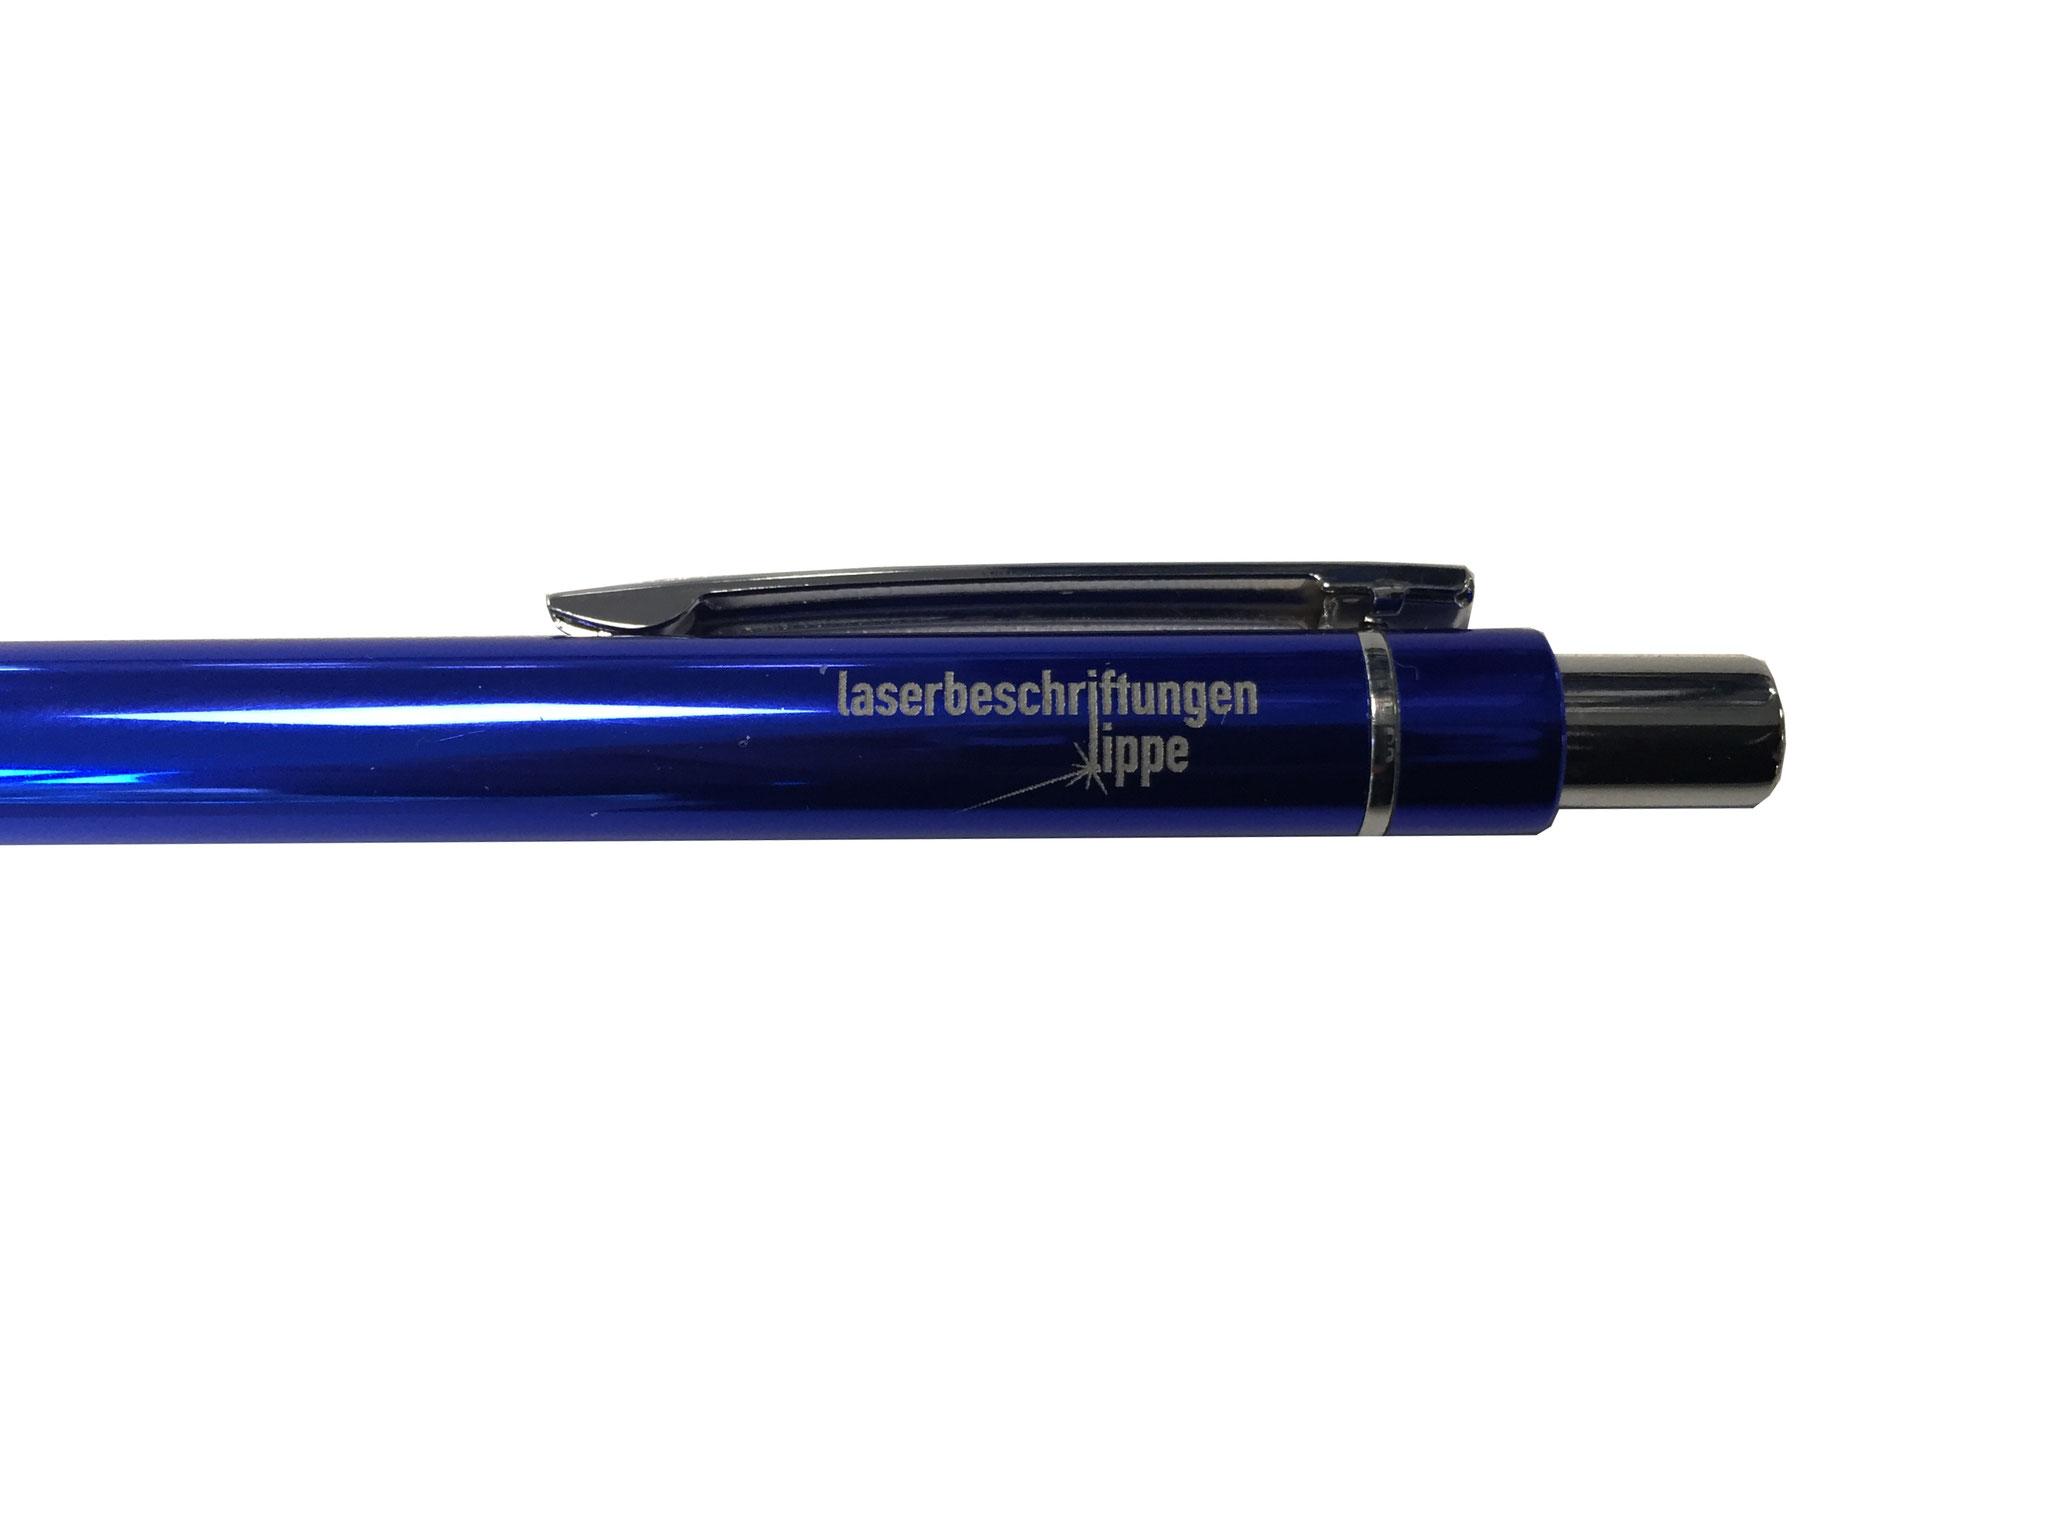 Kugelschreiber blau mit Laserbeschriftung - Lasergravur